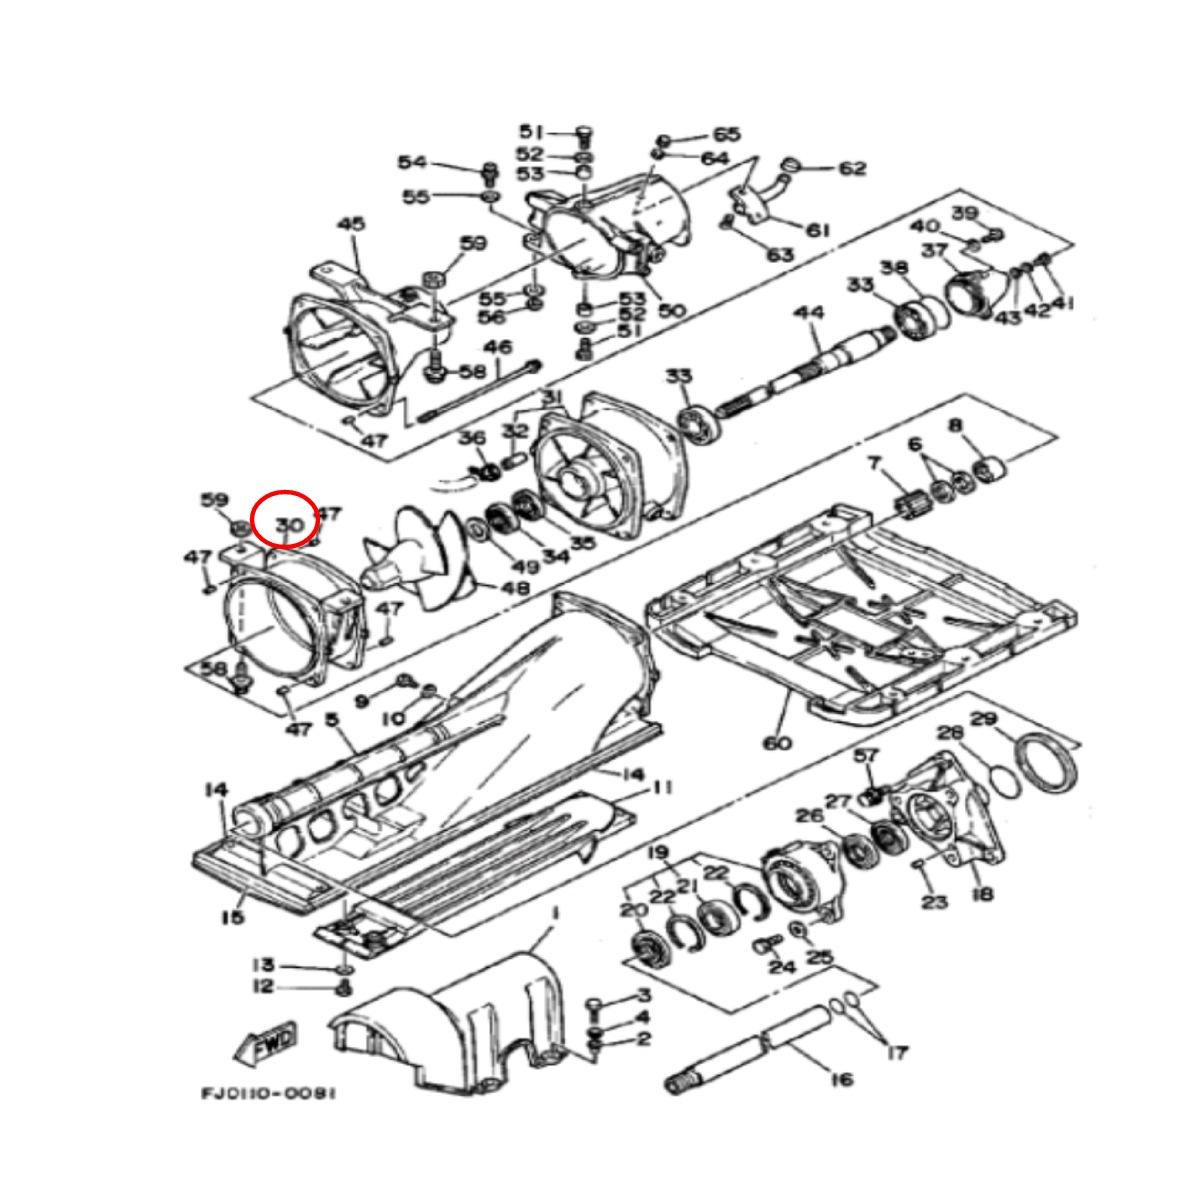 CINTA DA TURBINA YAMAHA WR700 / WR760 / GP760  - Radical Peças - Peças para Jet Ski